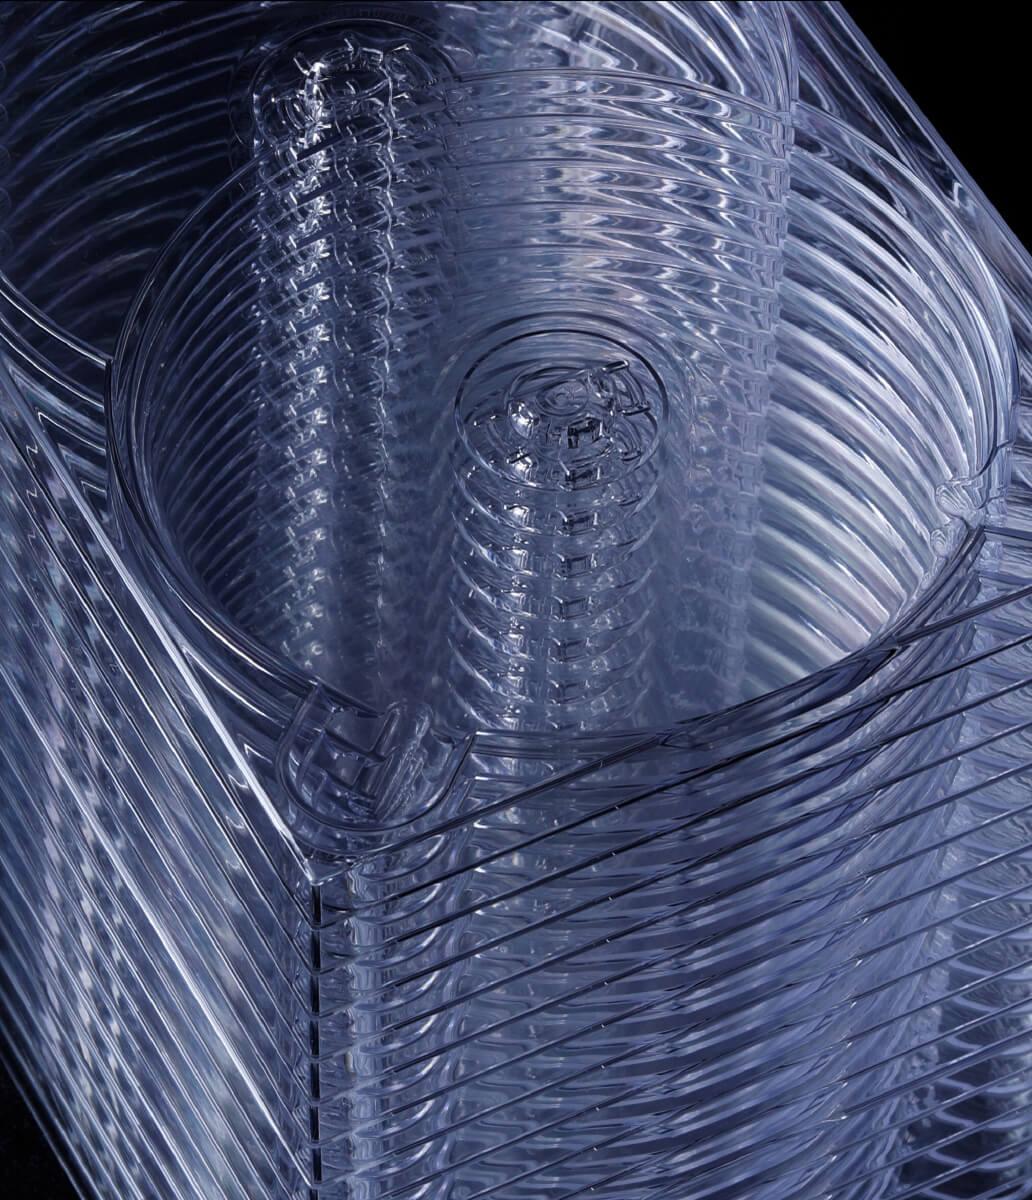 PLASTIC IS 喜びや便利さを分かち合うために同じものを大量に生産できる。